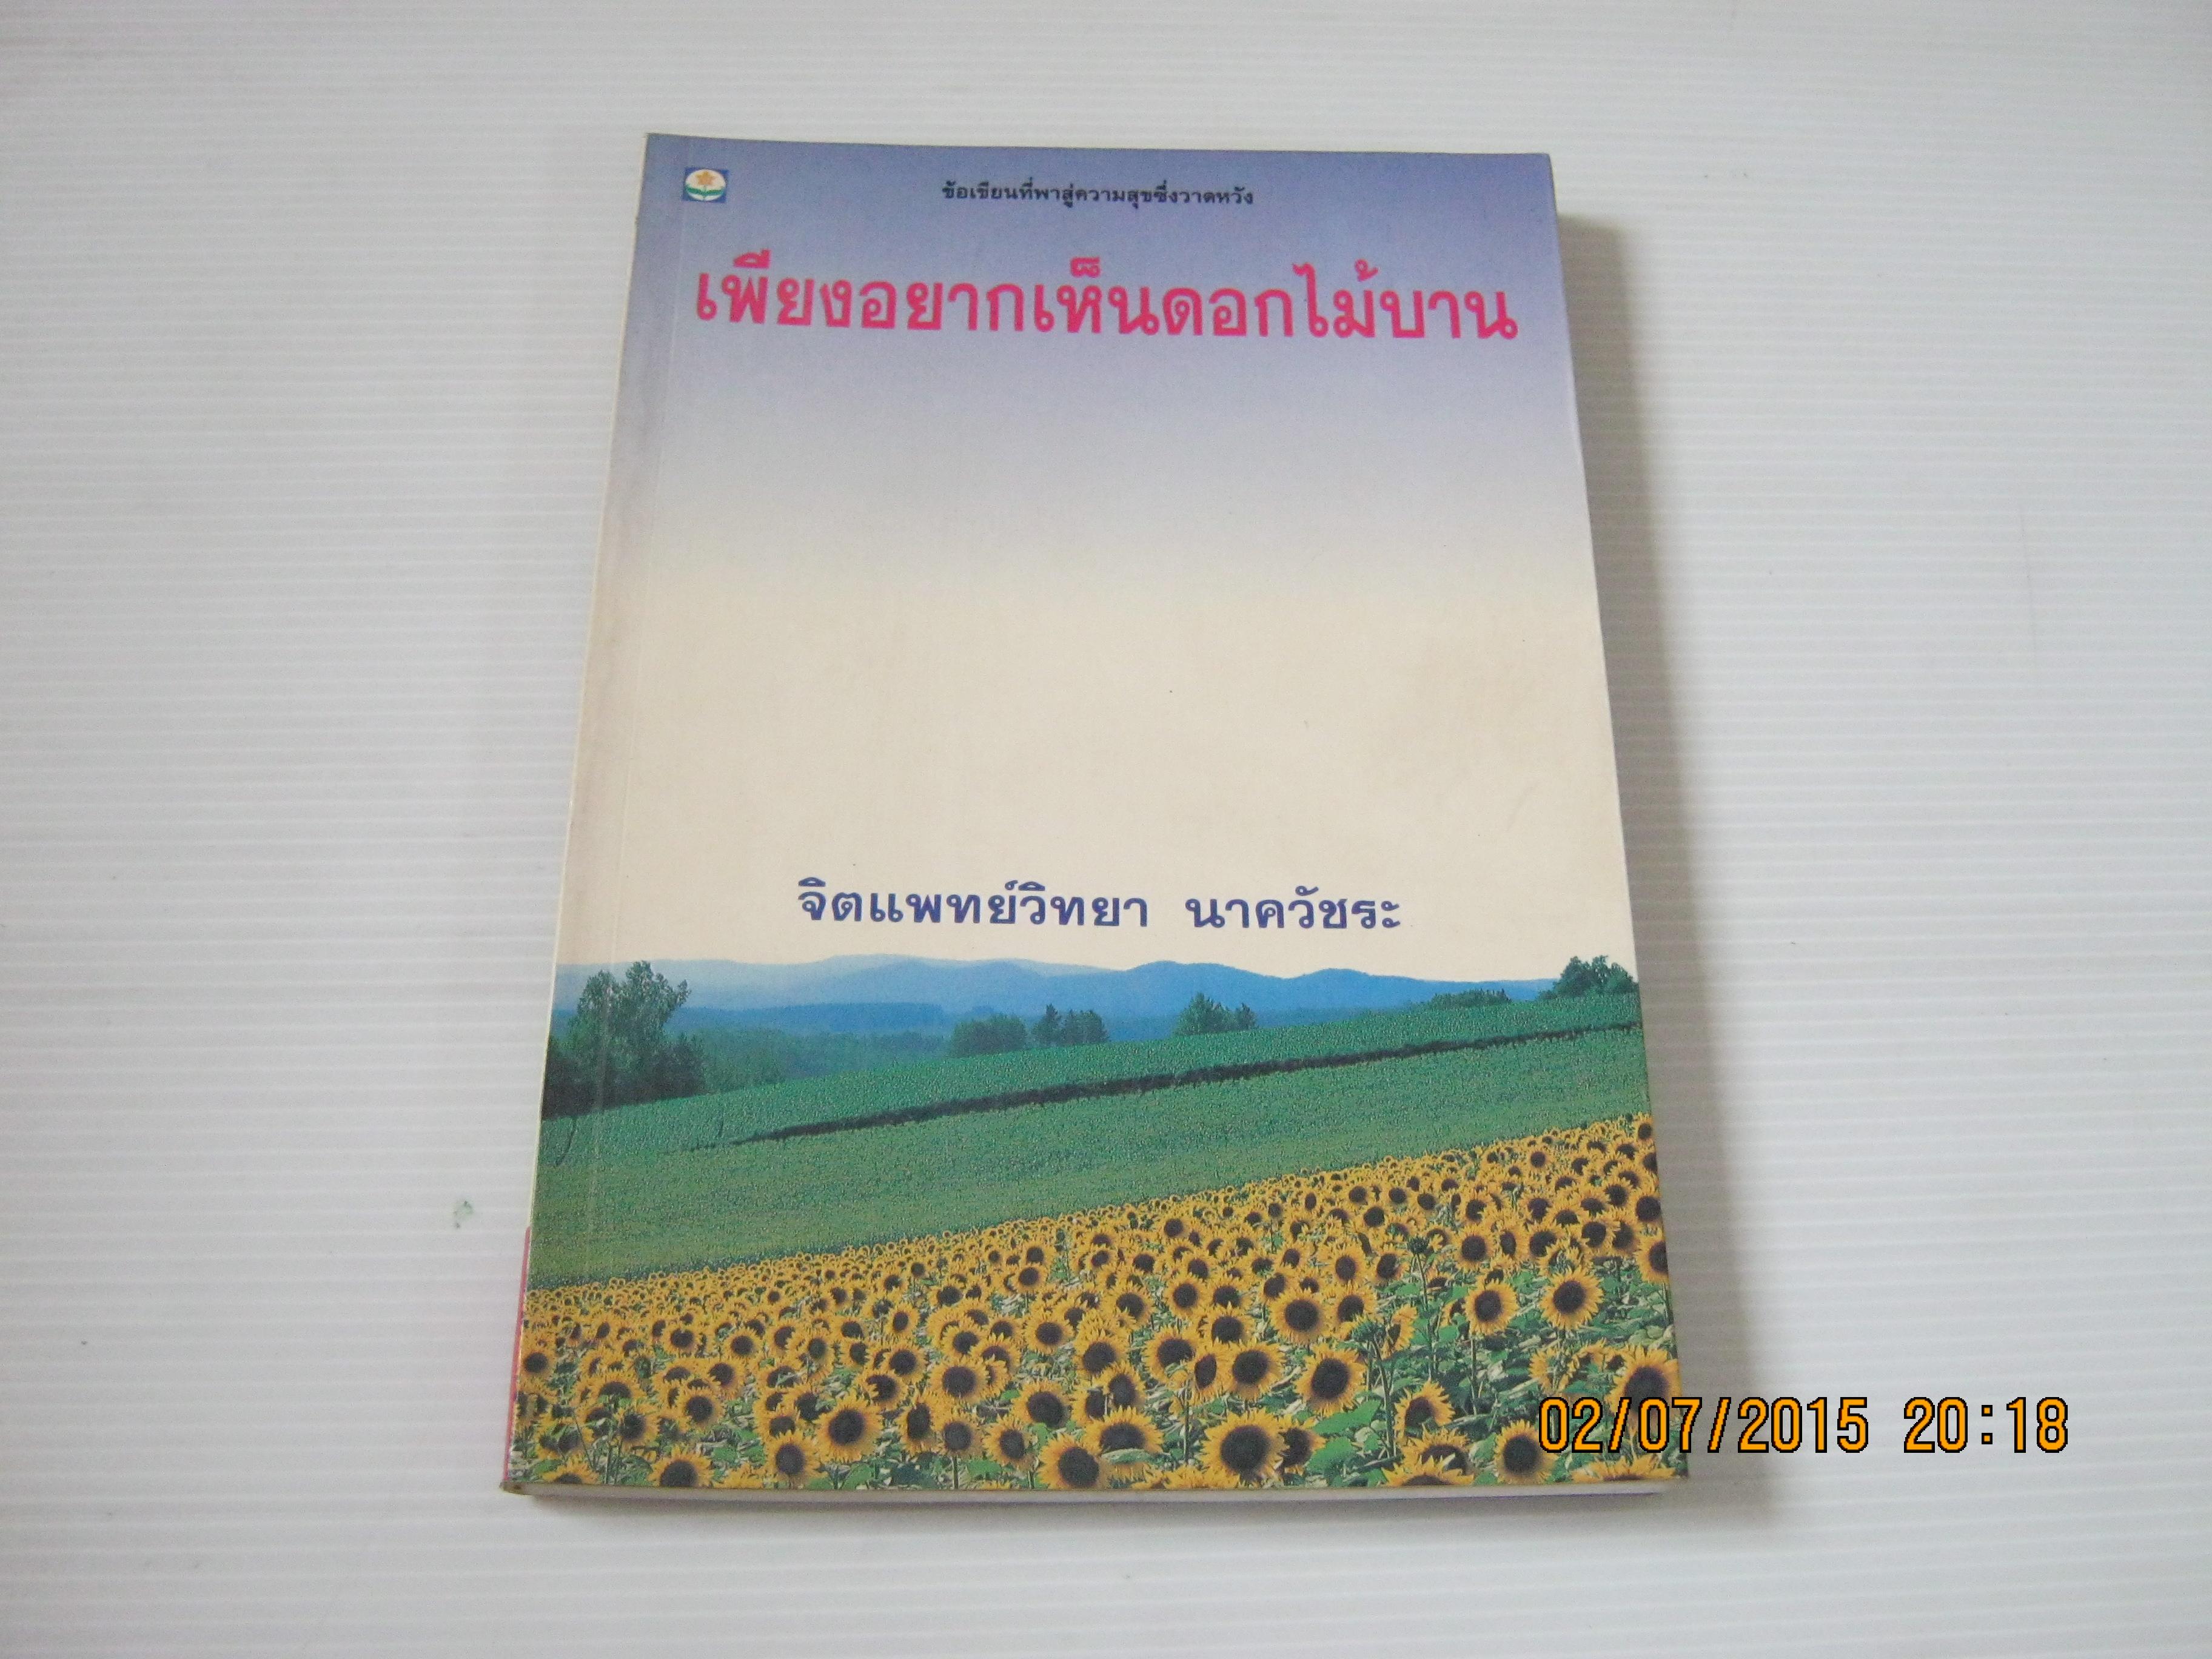 เพียงอยากเห็นดอกไม้บาน จิตแพทย์วิทยา นาควัชระ เขียน